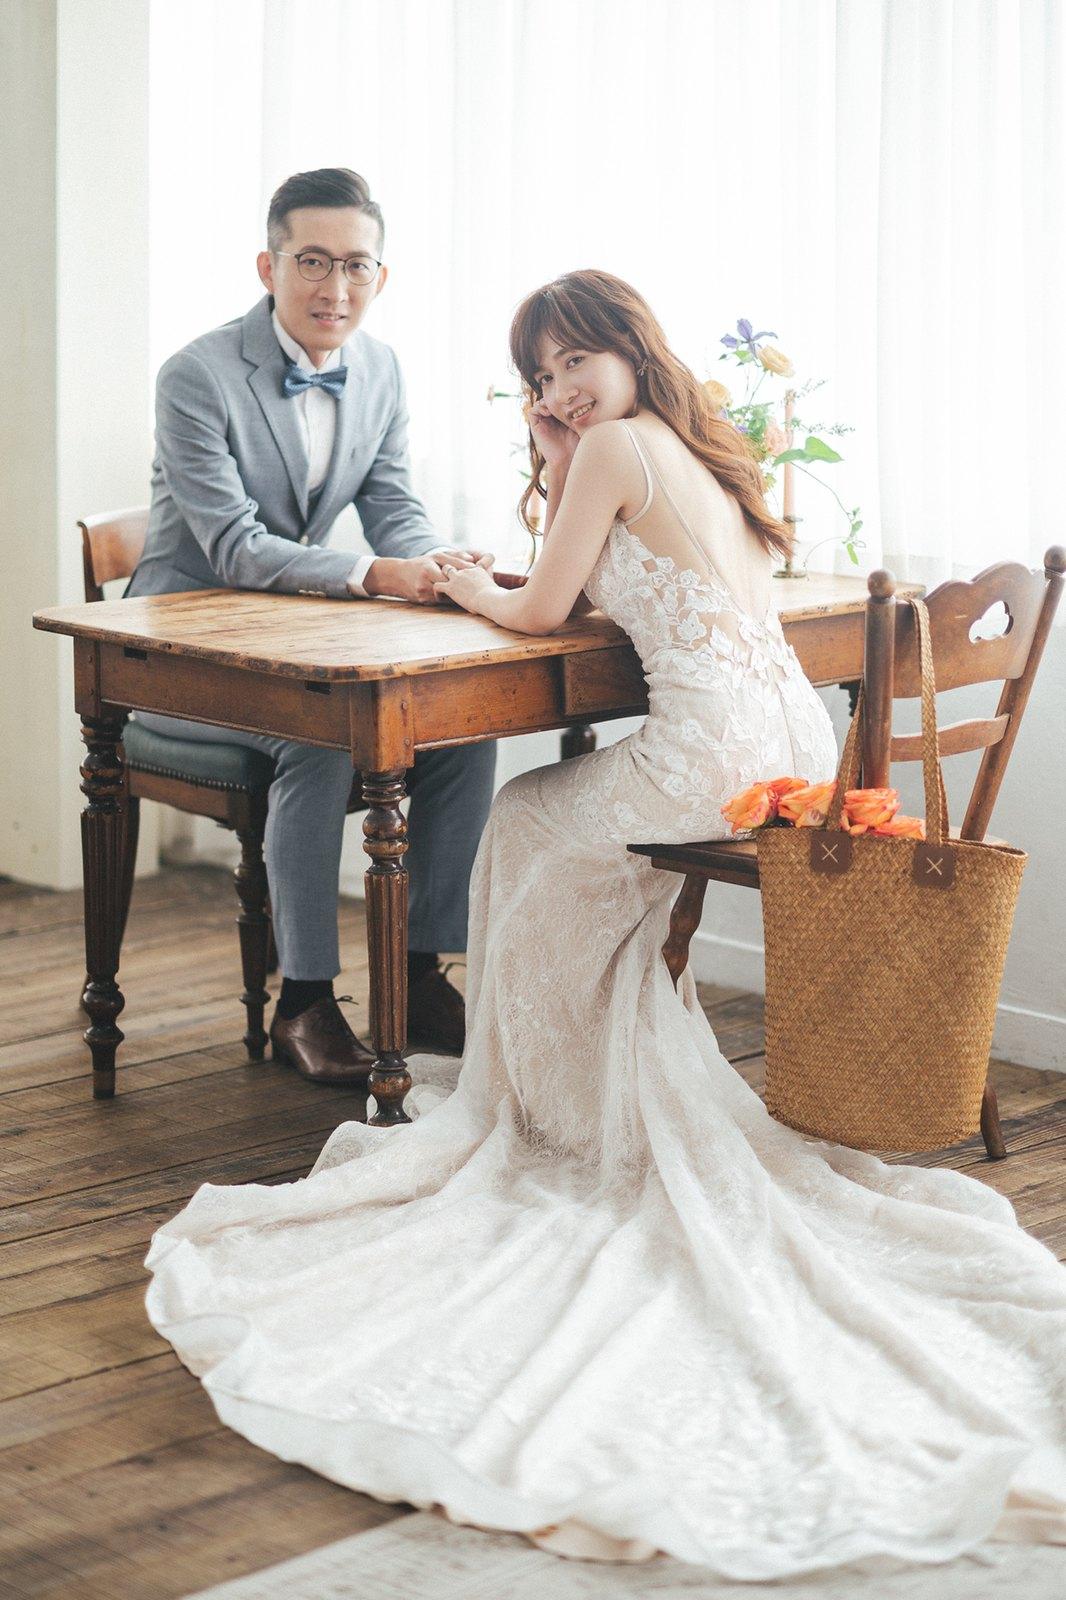 【婚紗】Theo & Angel / Studio Noon / 草地野餐風 / 花籃腳踏車 / 囍餅開箱